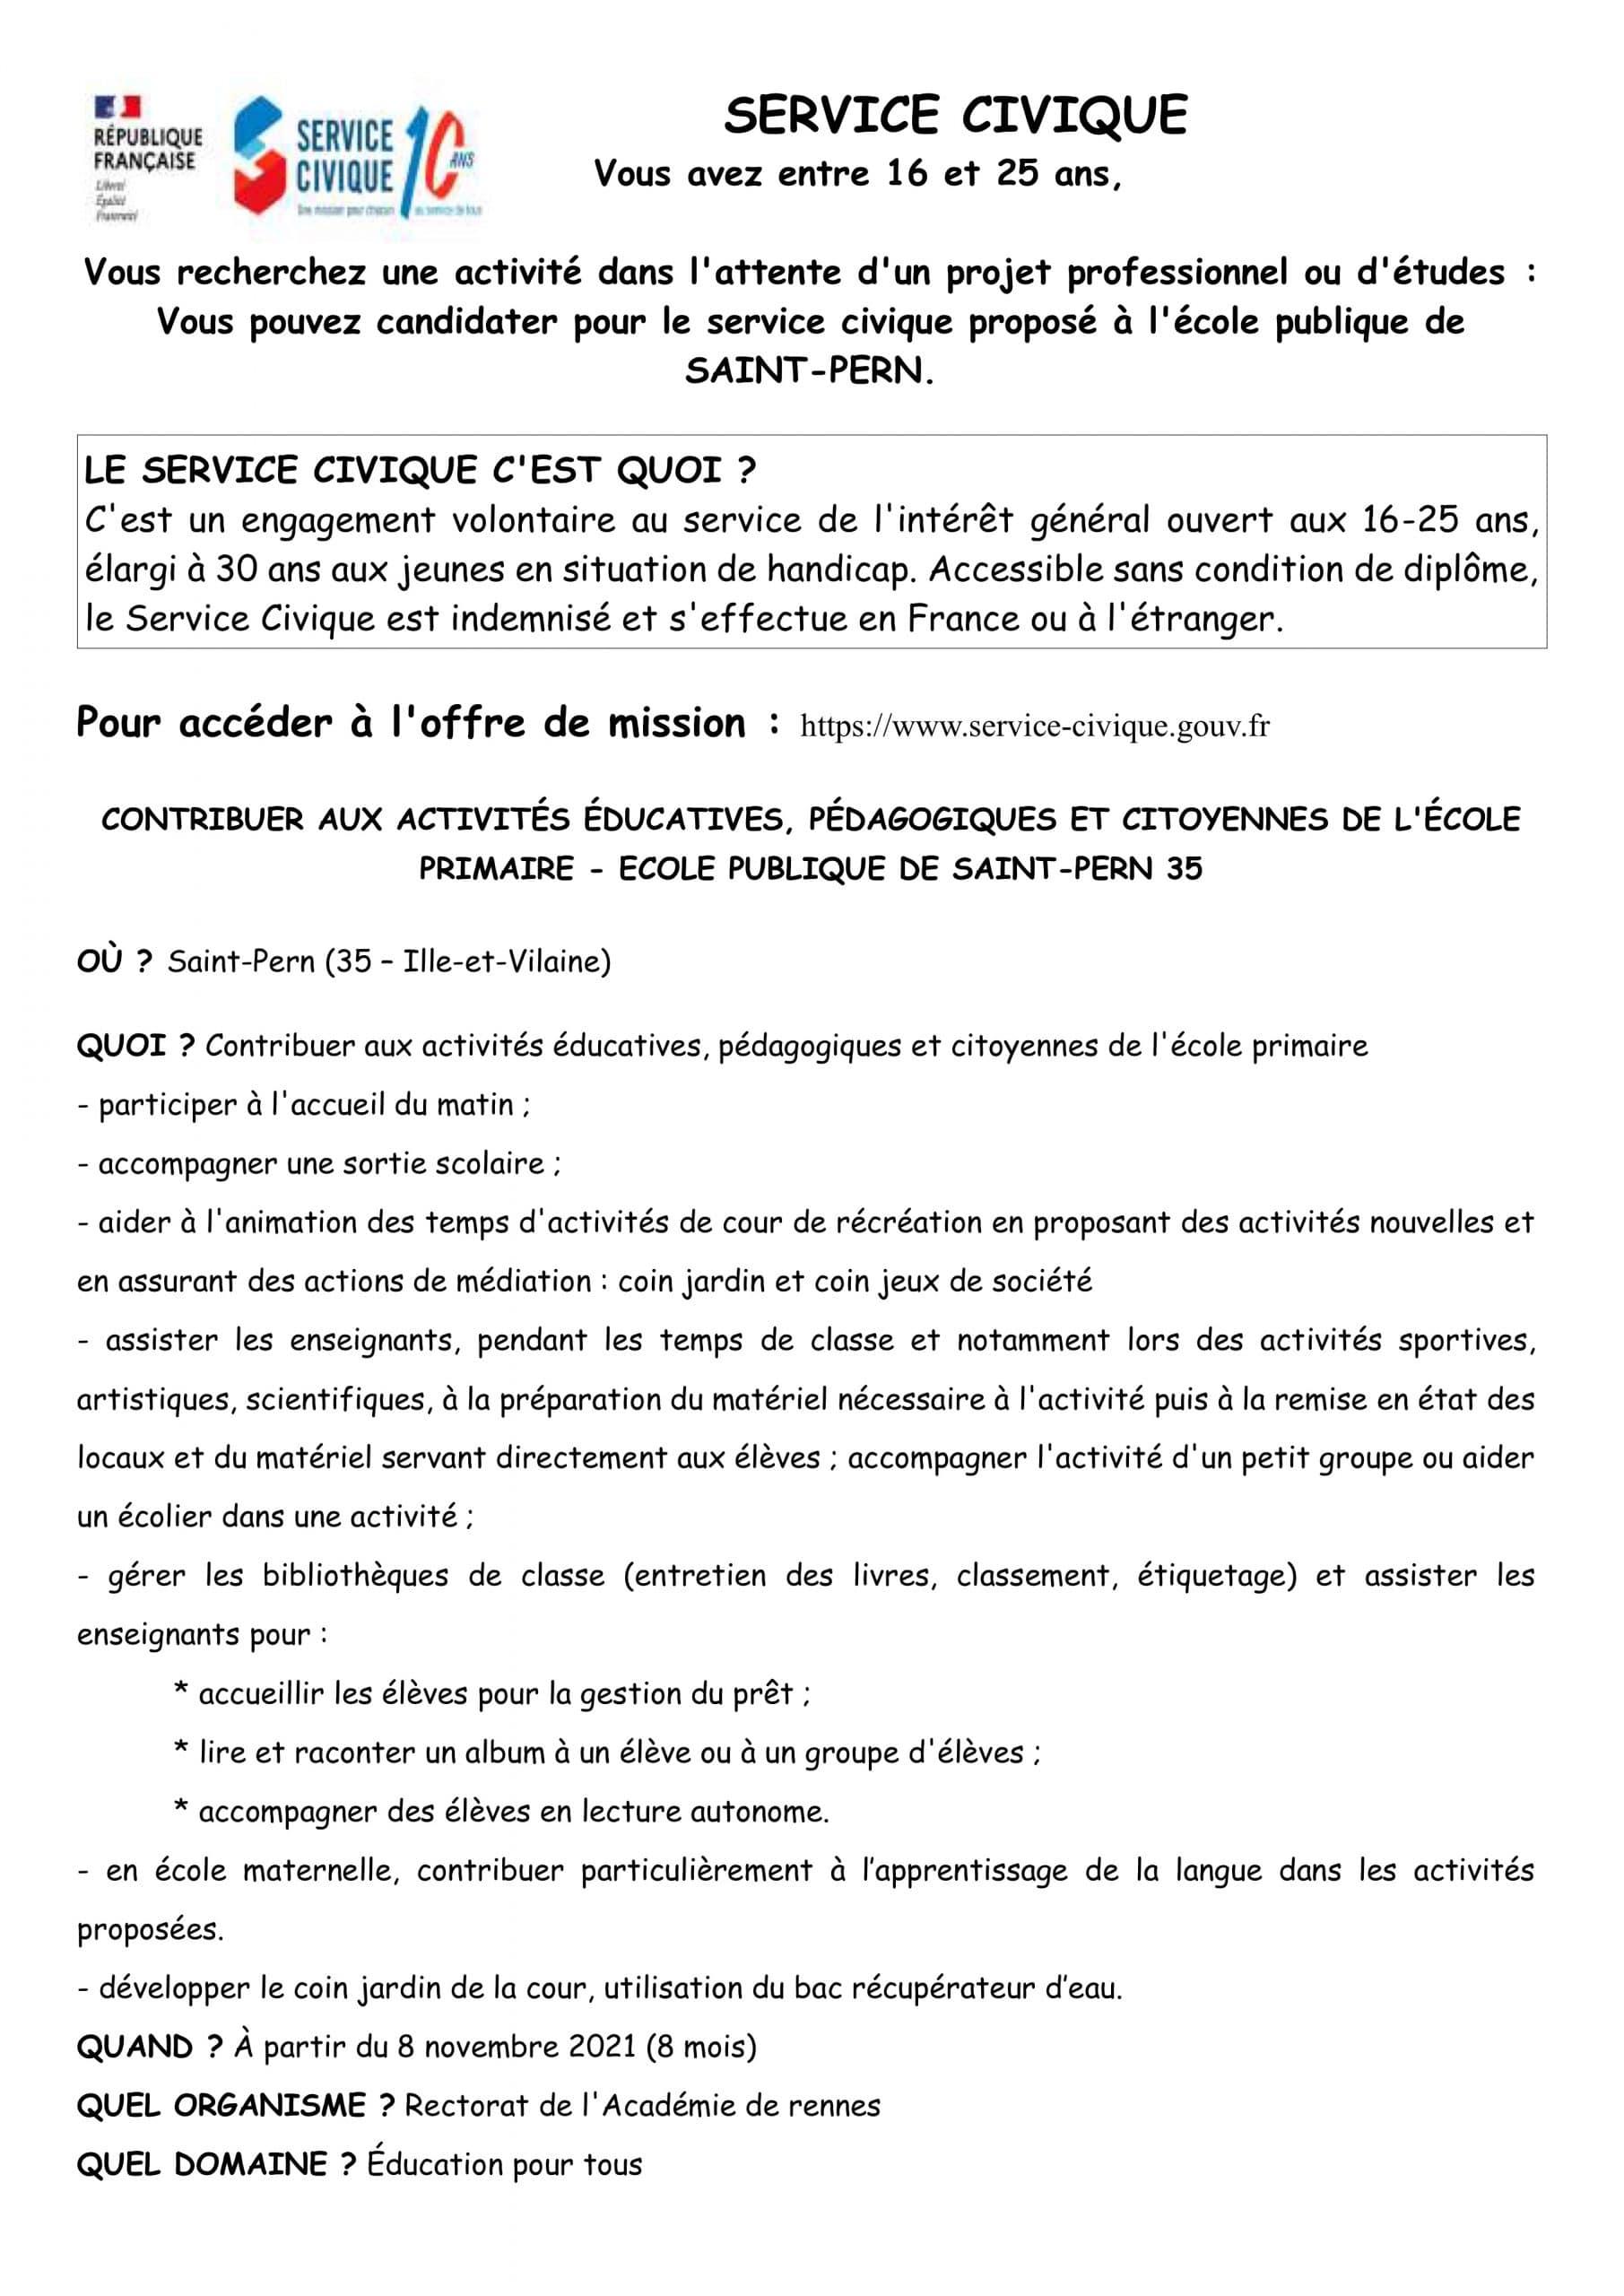 OFFRE D'EMPLOI DE SERVICE CIVIQUE – ECOLE DE SAINT PERN